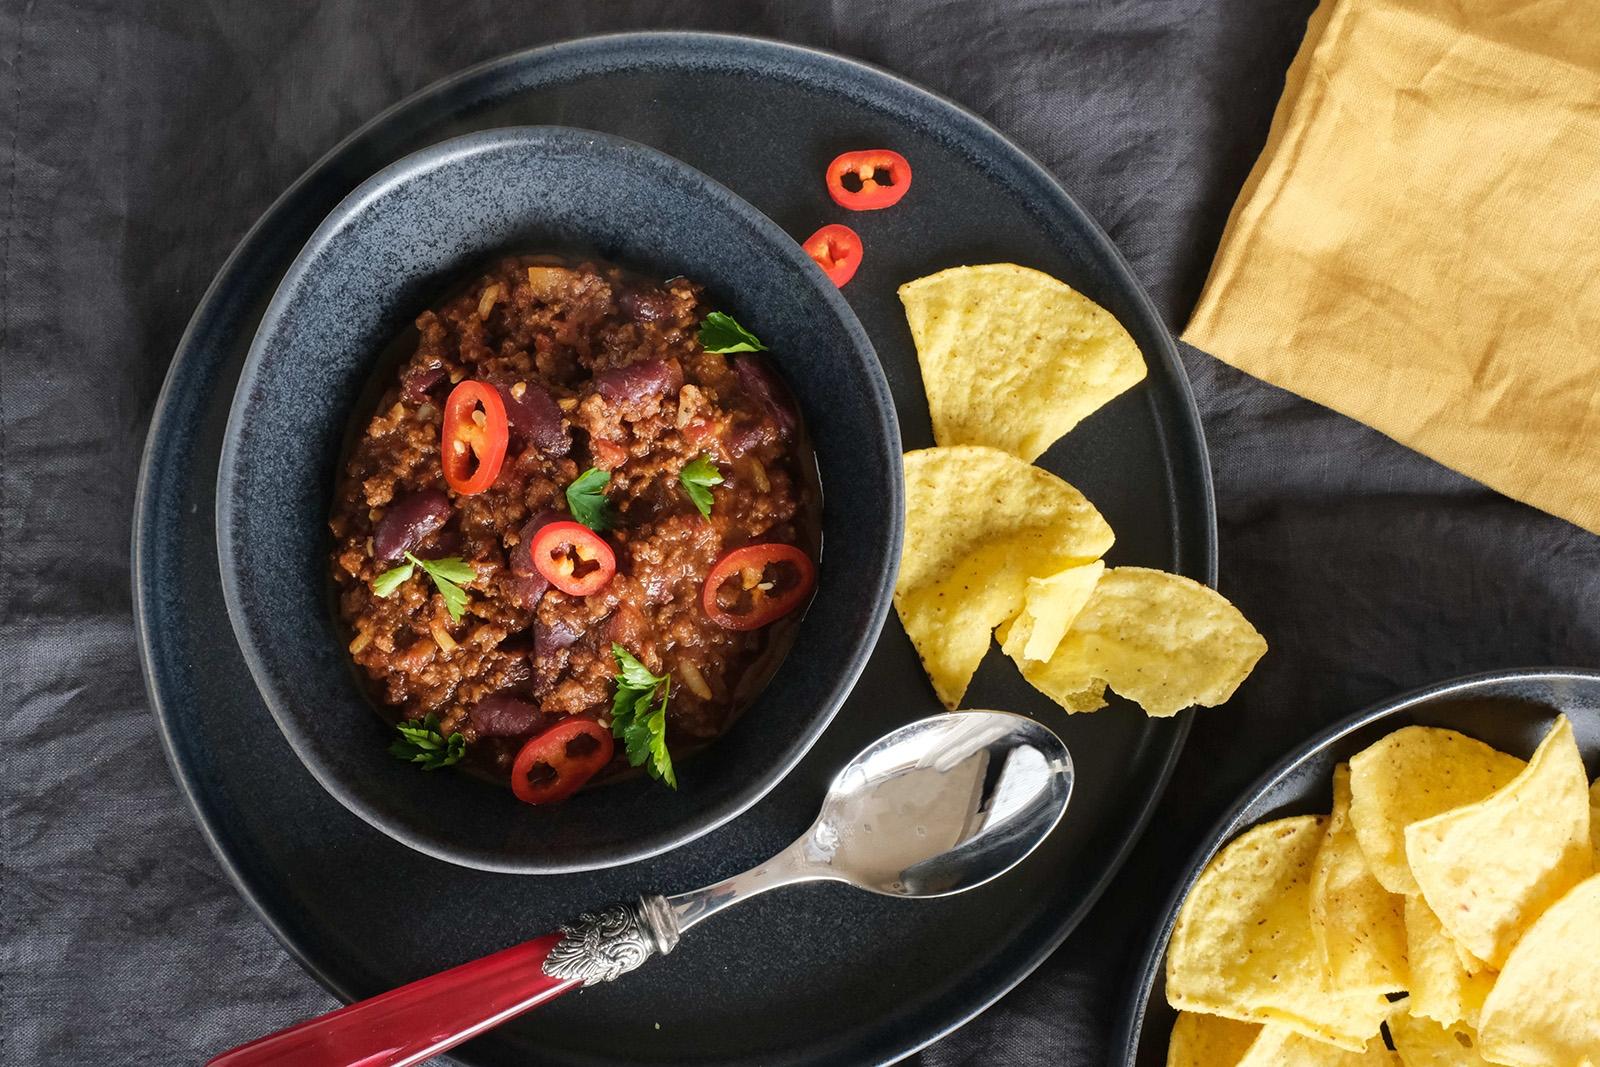 Mexické zahřívací pikantní jídlo s hovězím masem - to je chilli con carne. Servírujte s lupínky doritos